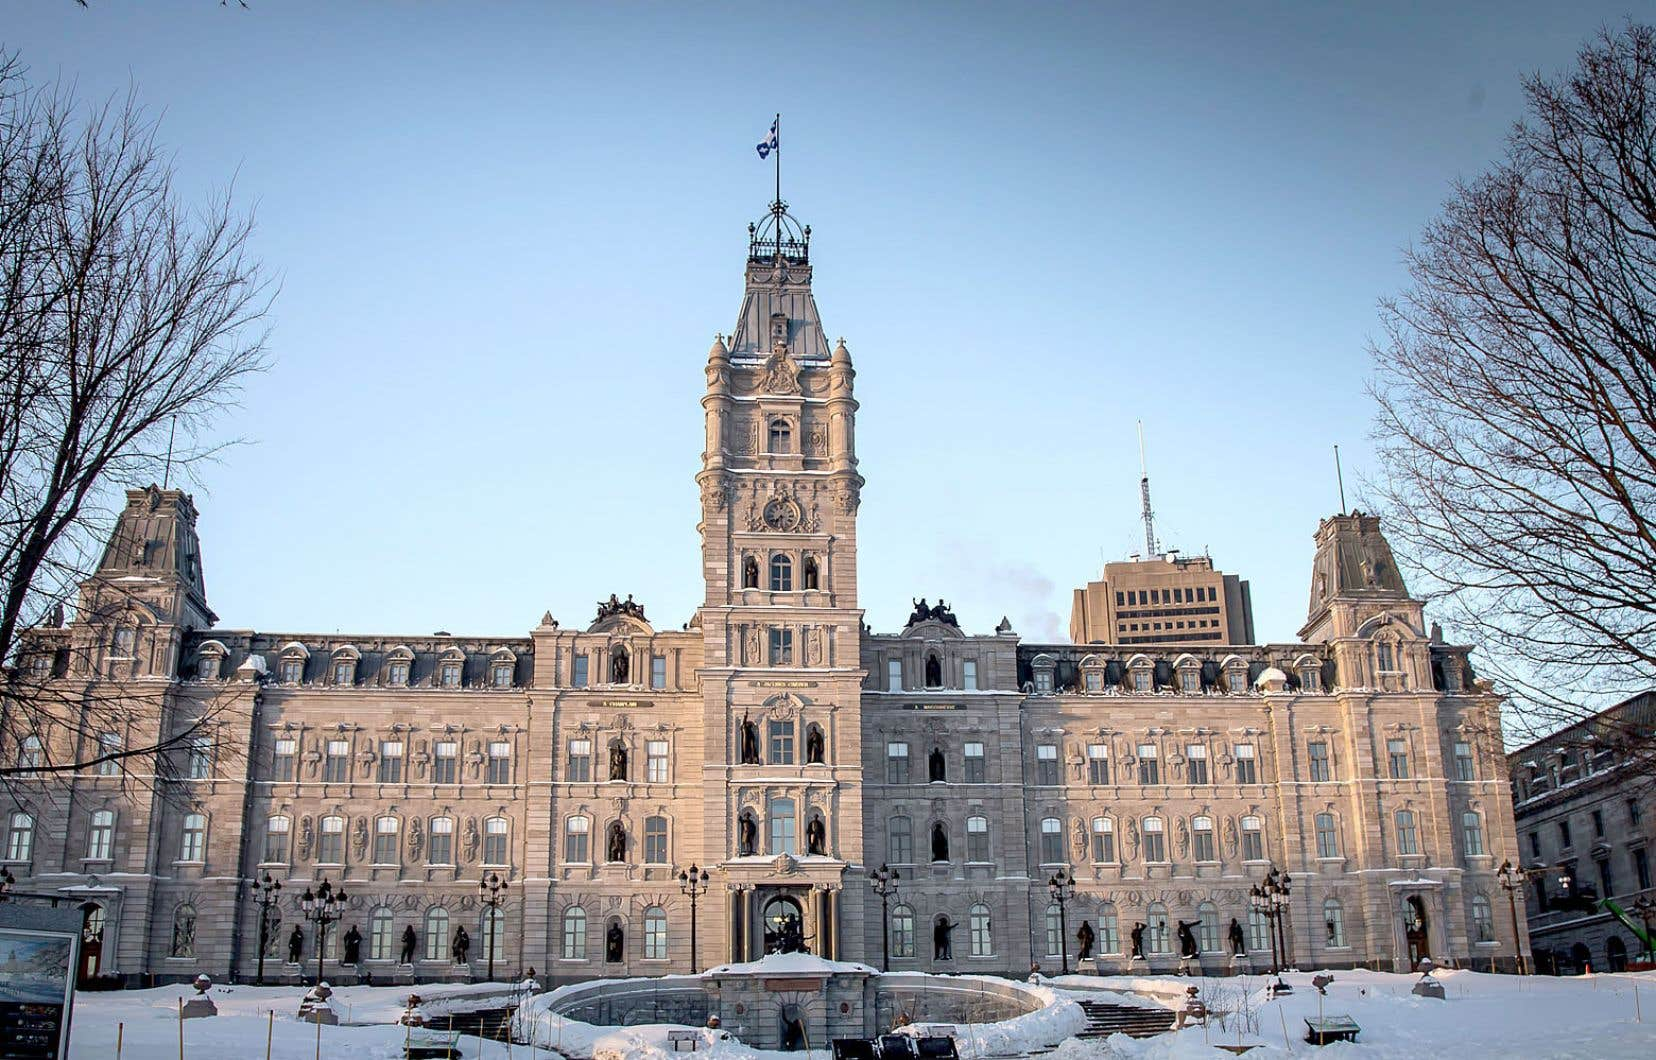 Québec rapportait encore l'an dernier un surplus budgétaire équivalant à 1,7% de son PIB, alors que la Colombie-Britannique n'a pu faire mieux que l'équilibre et que l'Ontario et l'Alberta rapportaient respectivement des déficits de 1,4% et de 2%.